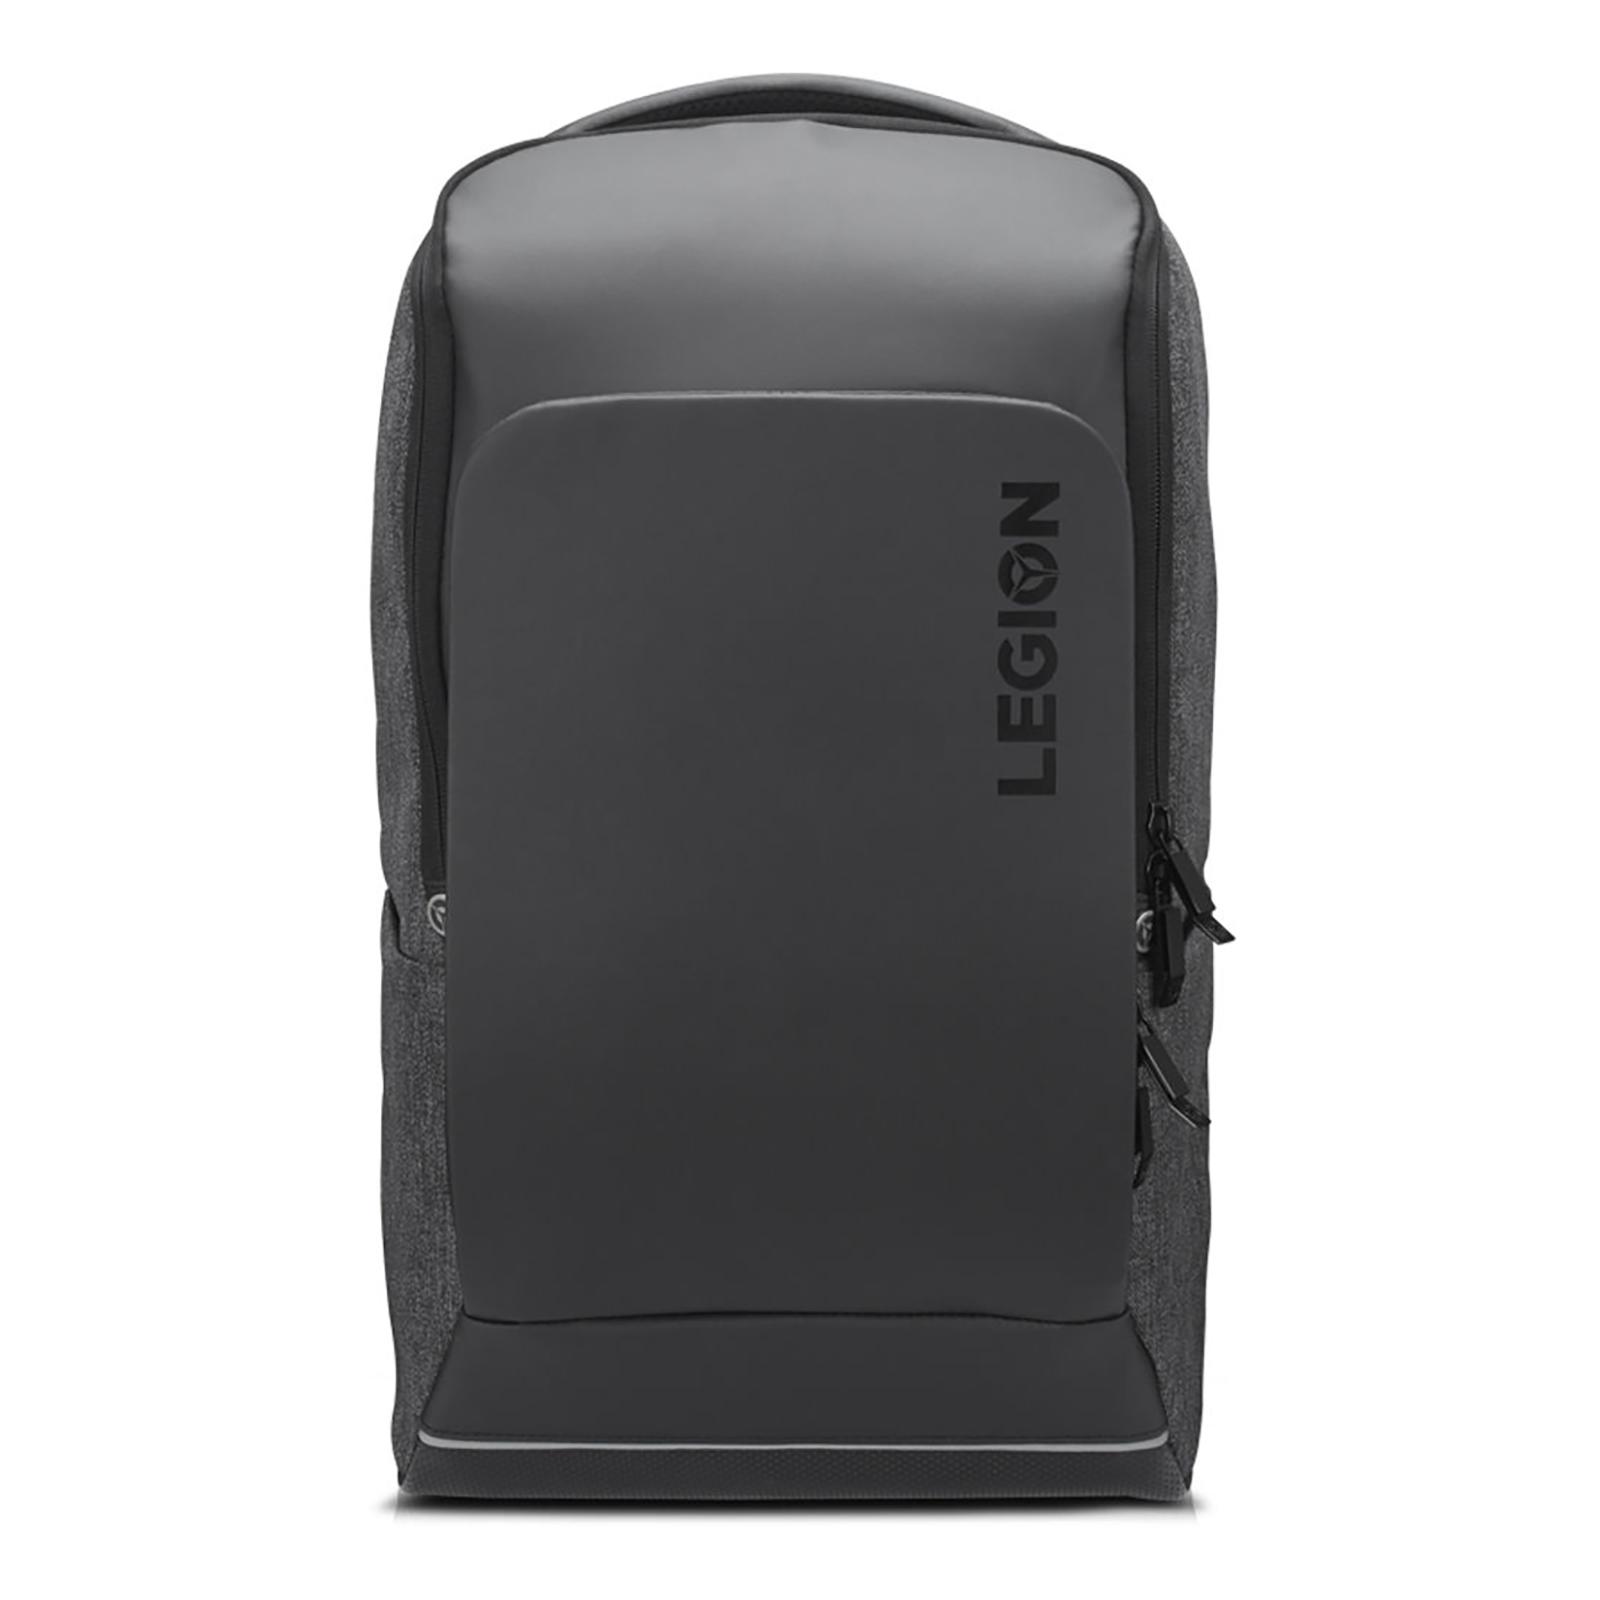 Lenovo Legion Recon Polyester Backpack for 15.6 Inch Laptop (Adjustable Shoulder Strap, GX40S69333, Black)_1